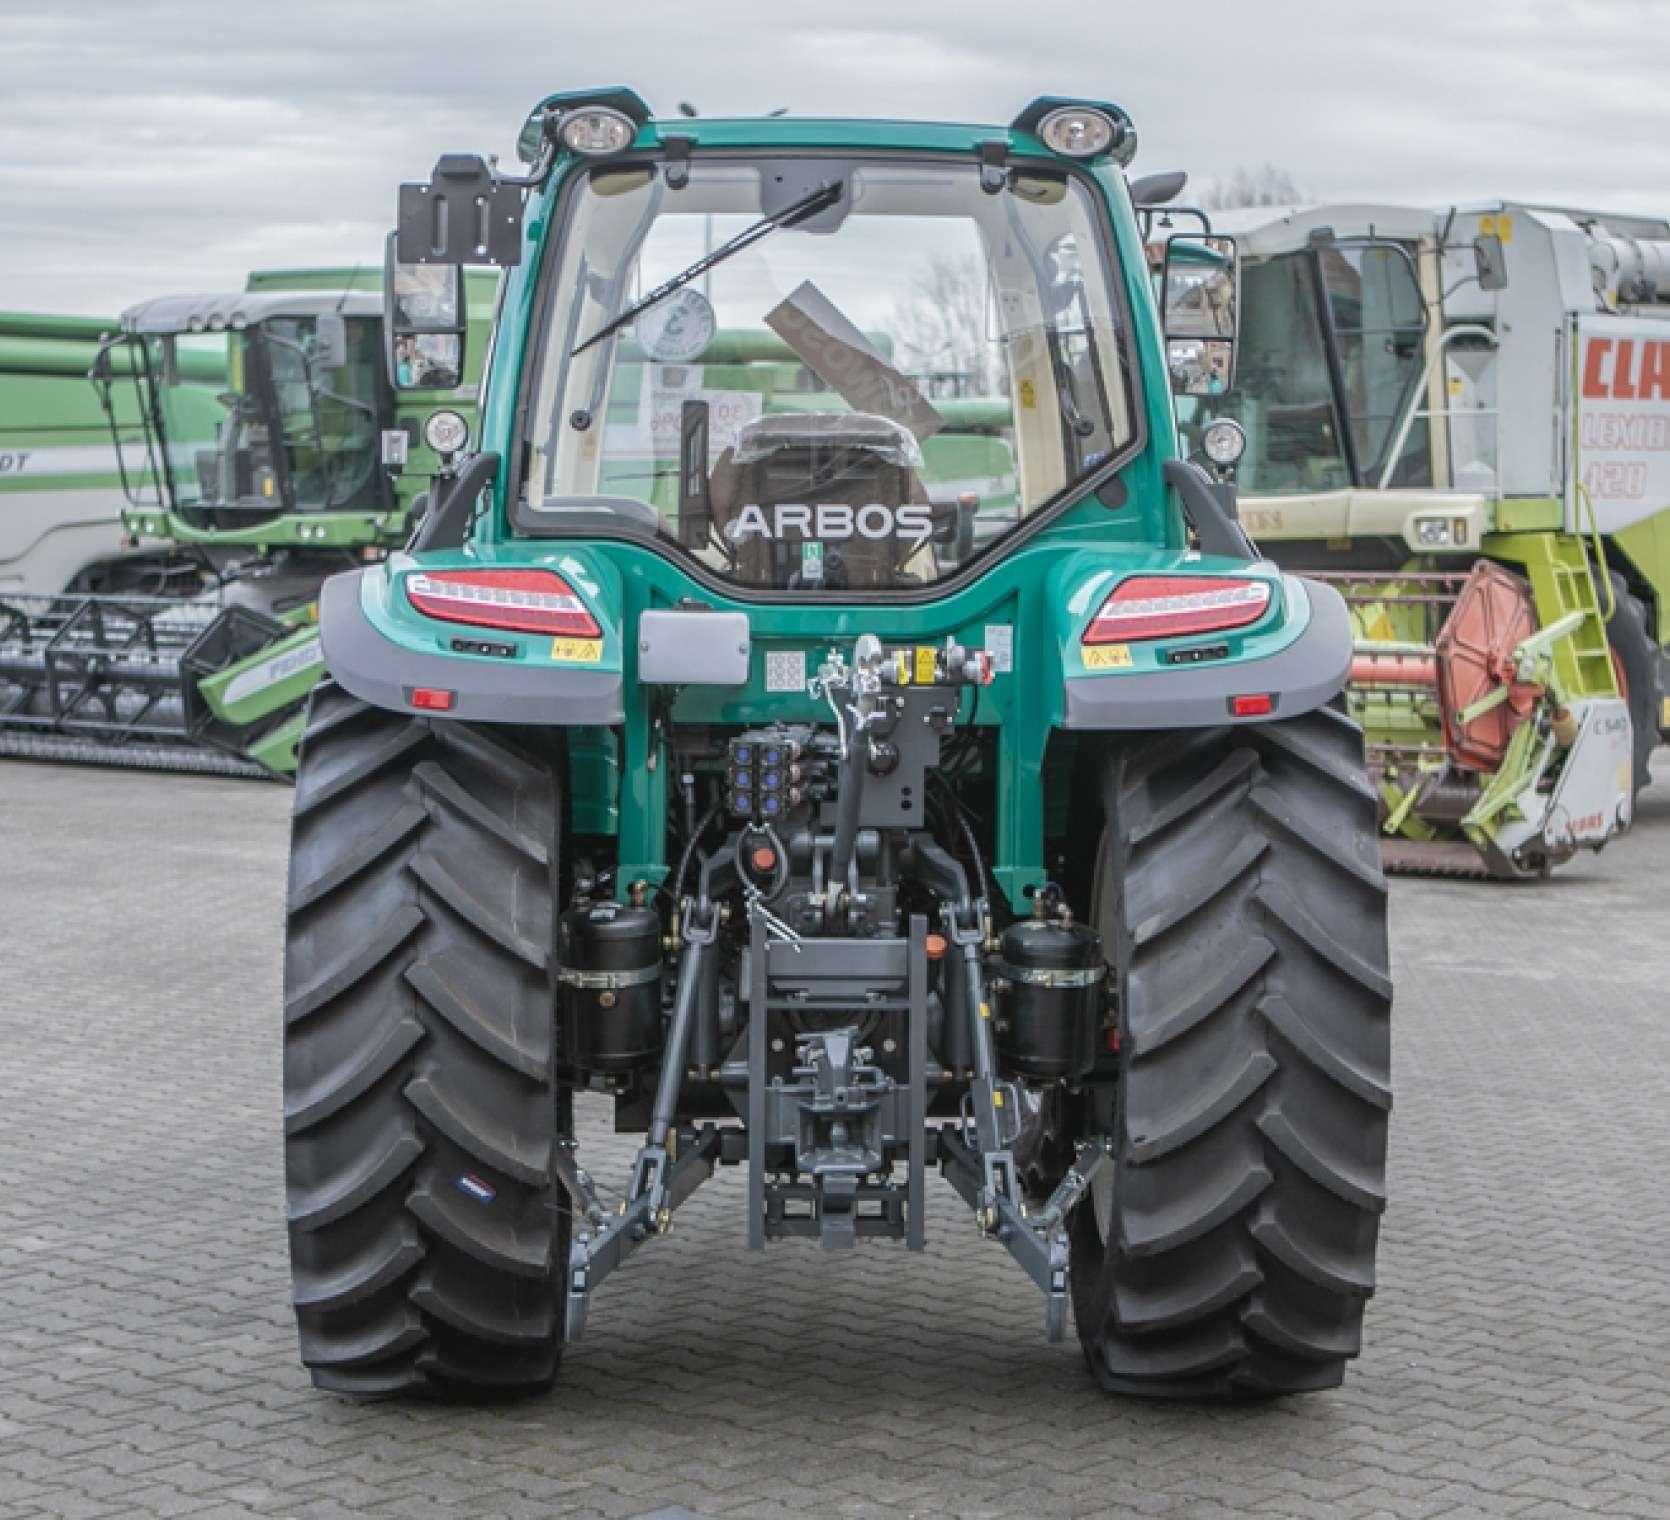 Tył traktora 5100 advanced arbos zaczepy i wyjścia hydrauliczne